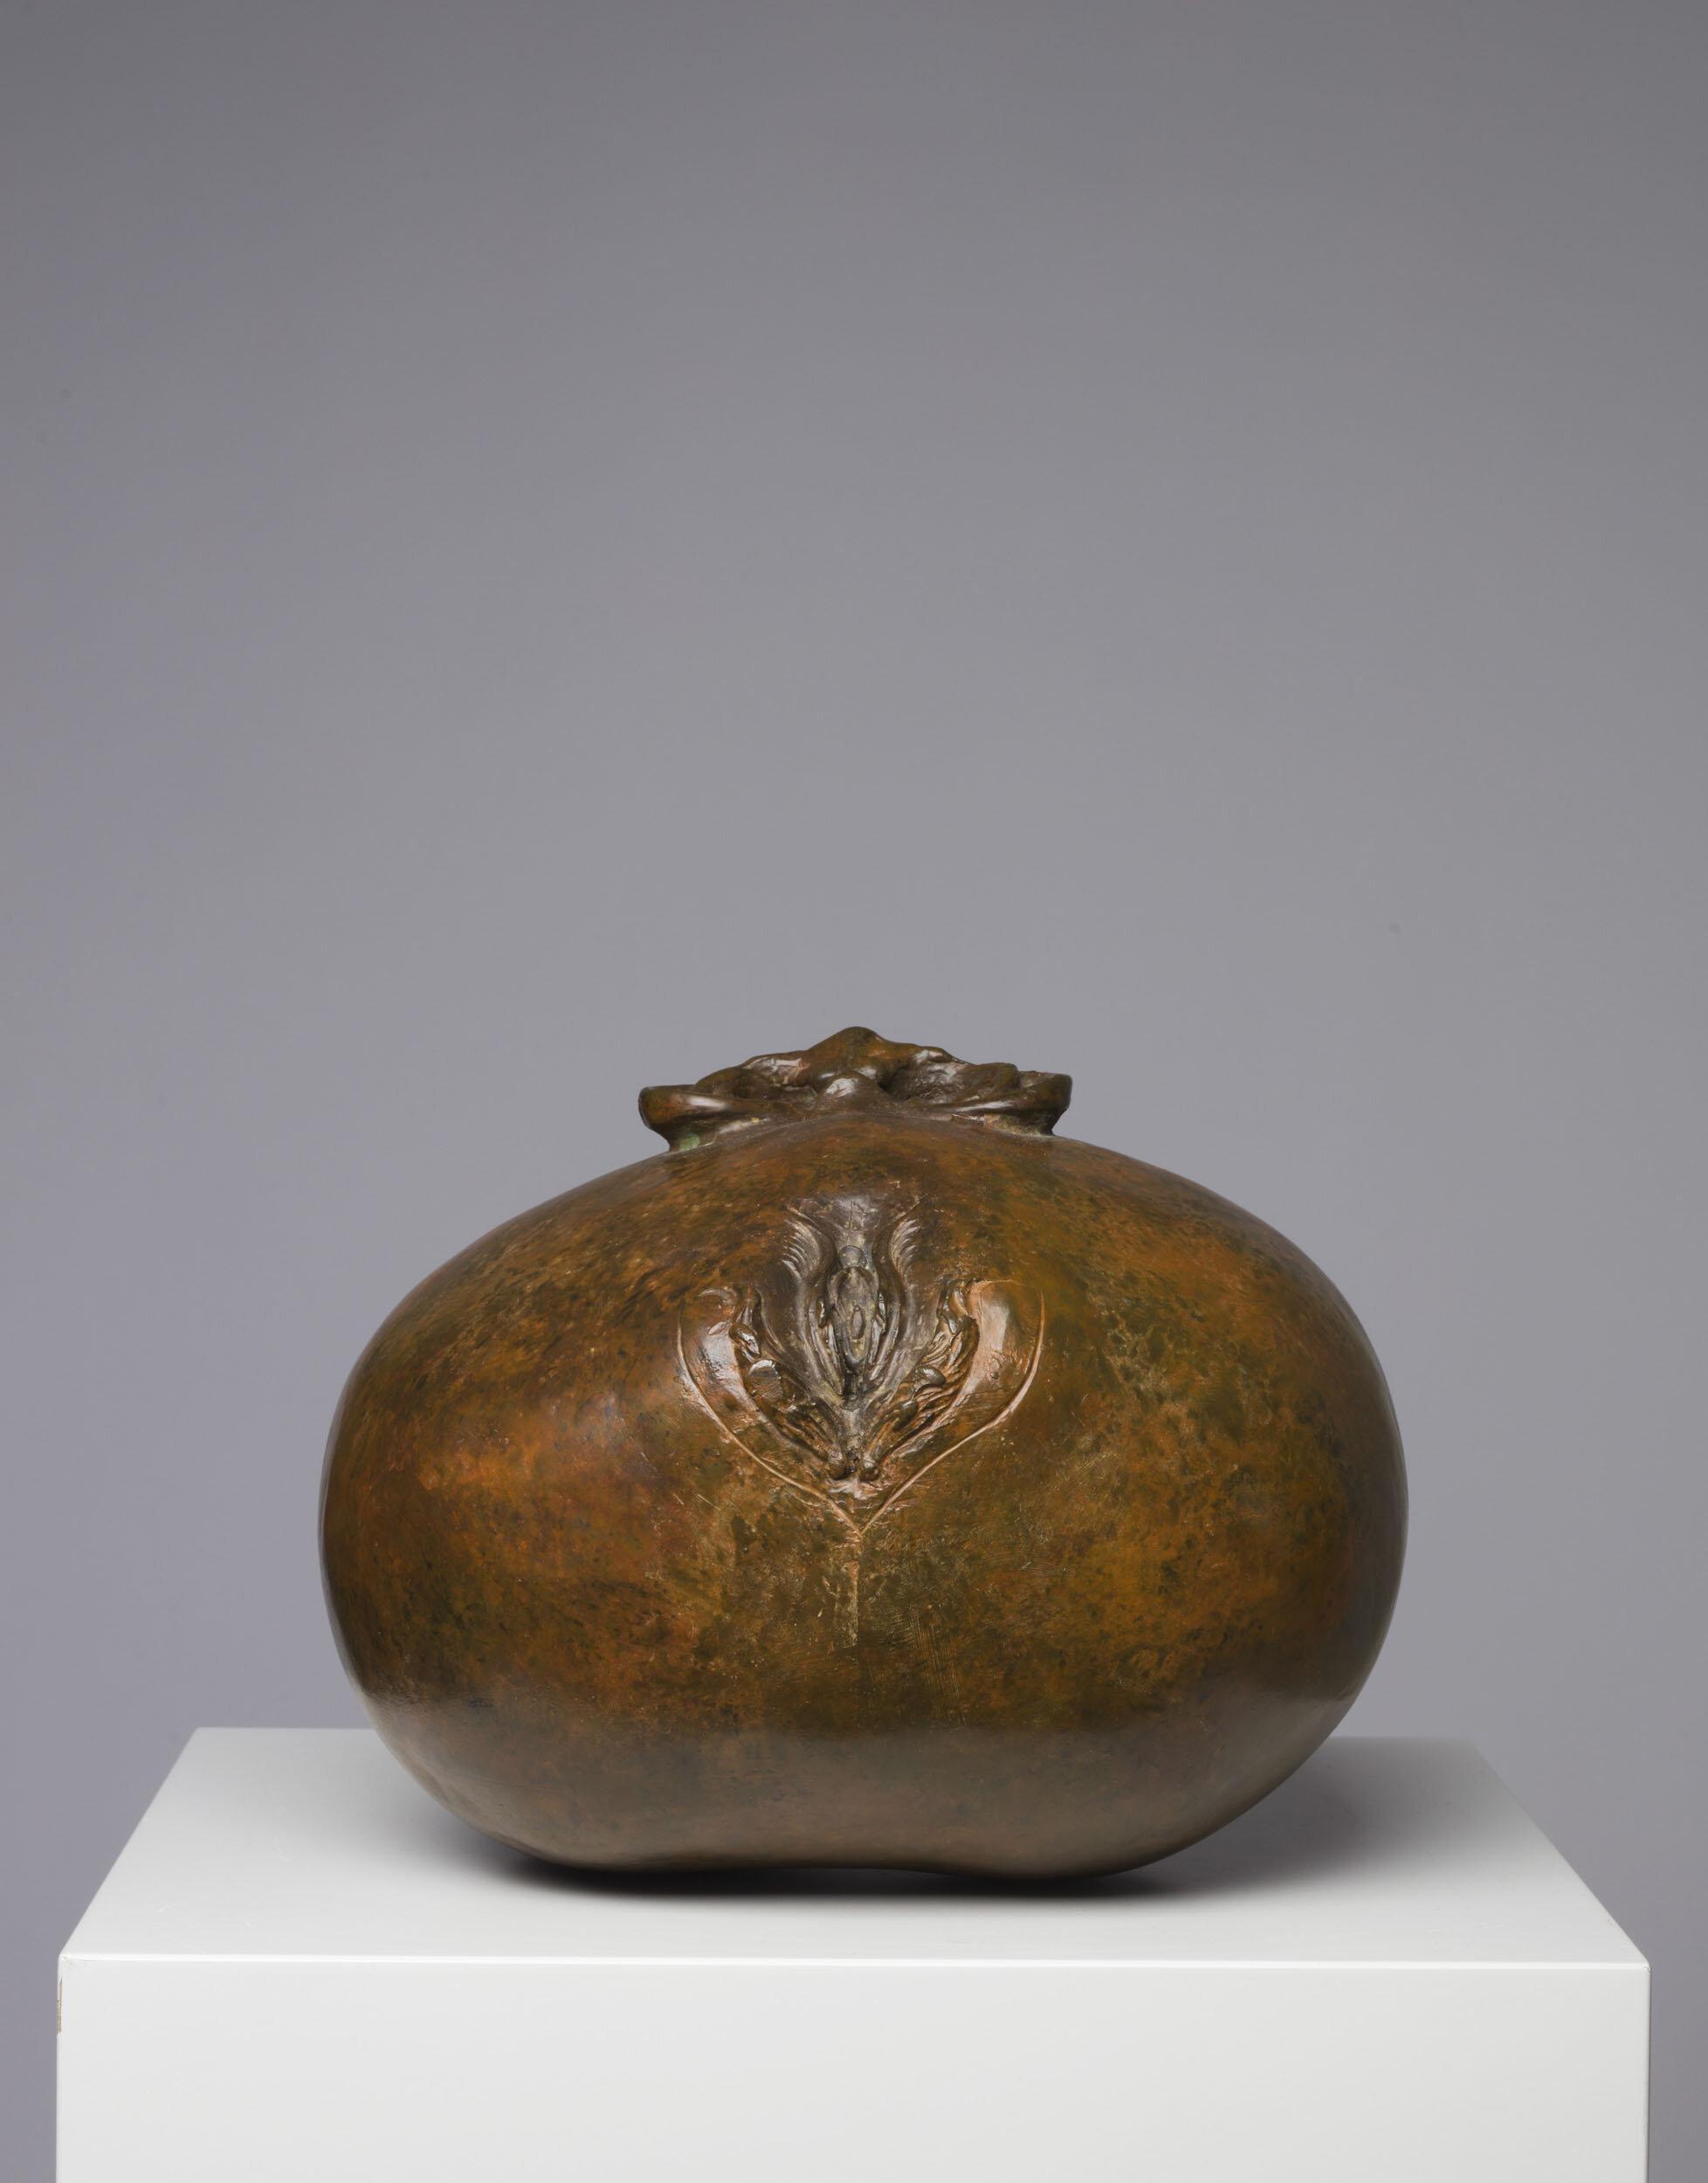 Dan Wolgers   Torso V  2008 Signerad och numrerad 1/5  Patinerad brons Längd 25 cm, höjd 20 cm